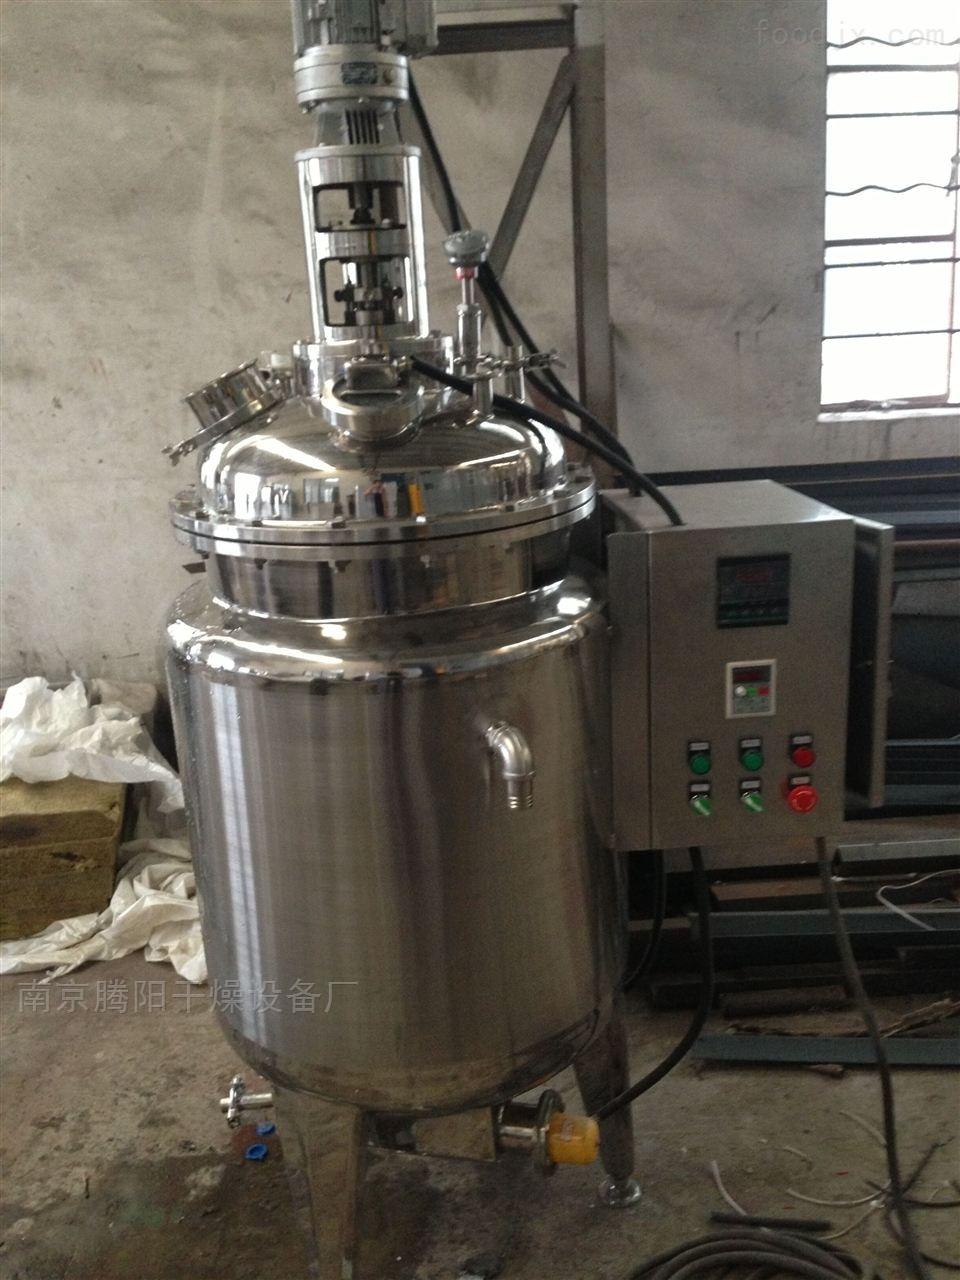 小型商用多功能食品恒温搅拌配料罐